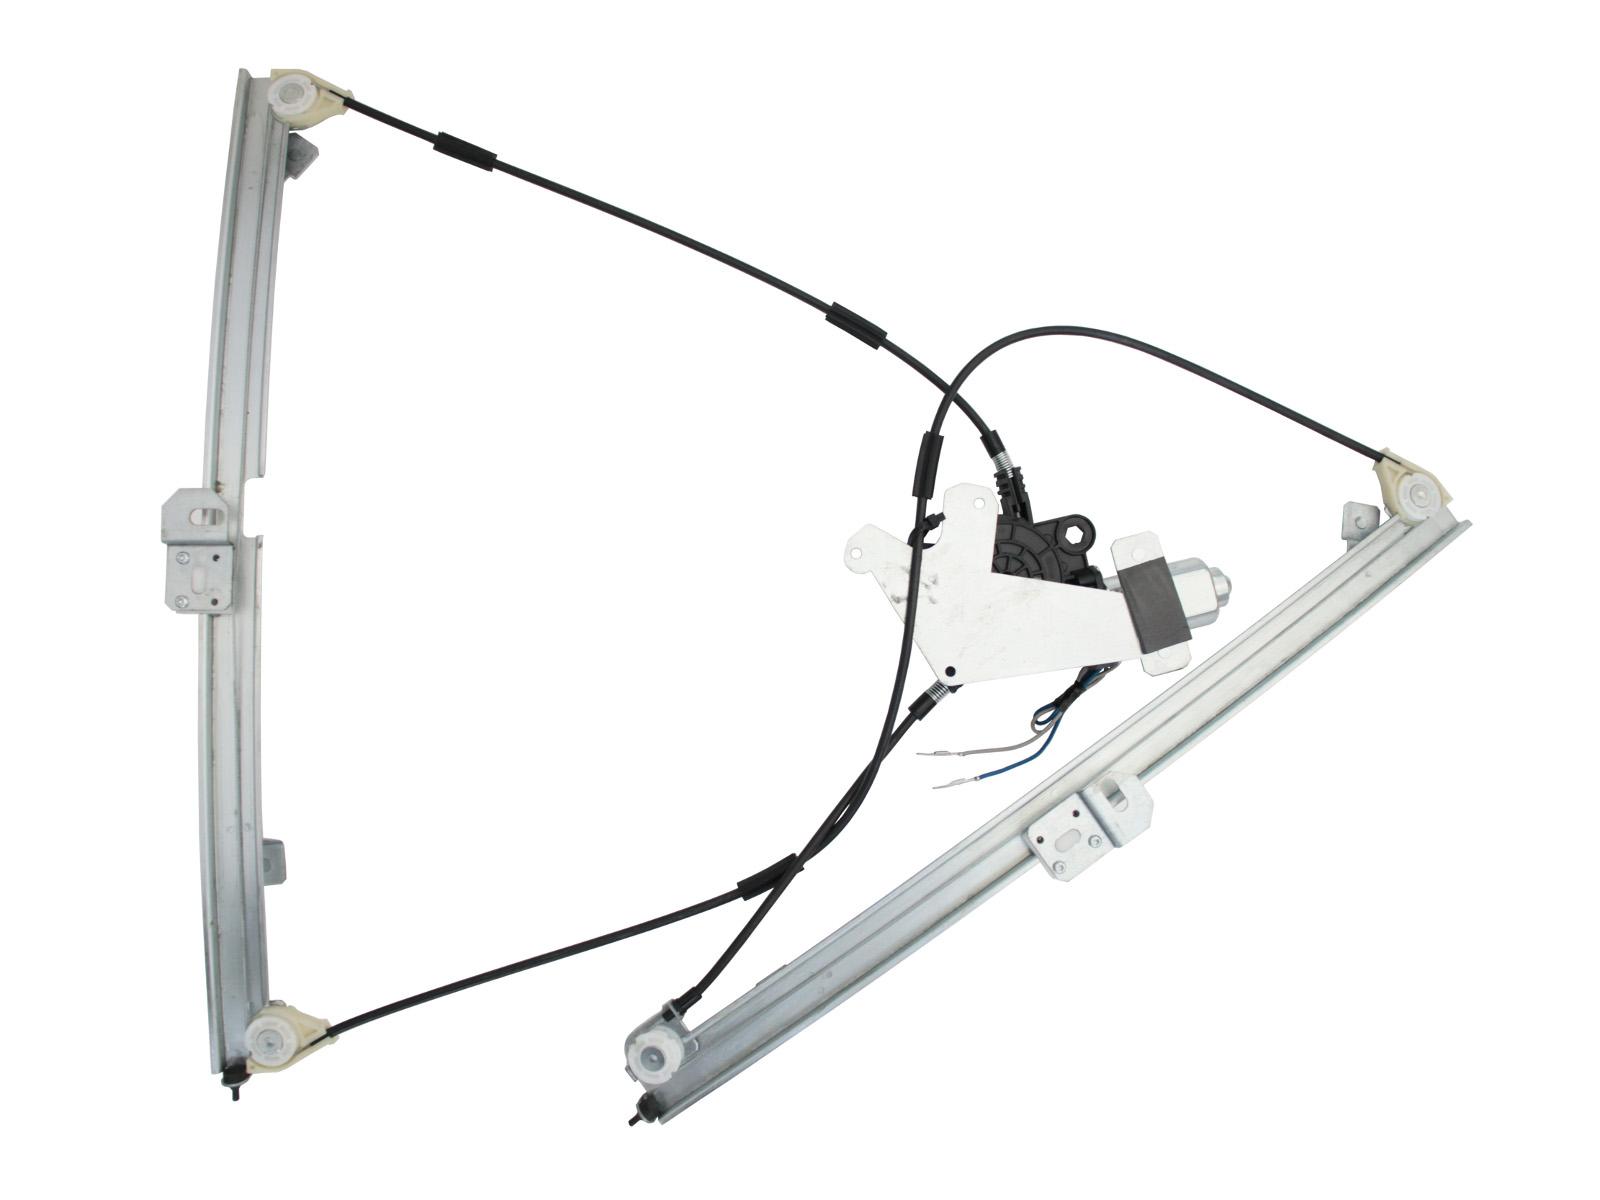 Replacement window regulators new buy window regulators for 2002 bmw x5 window regulator replacement